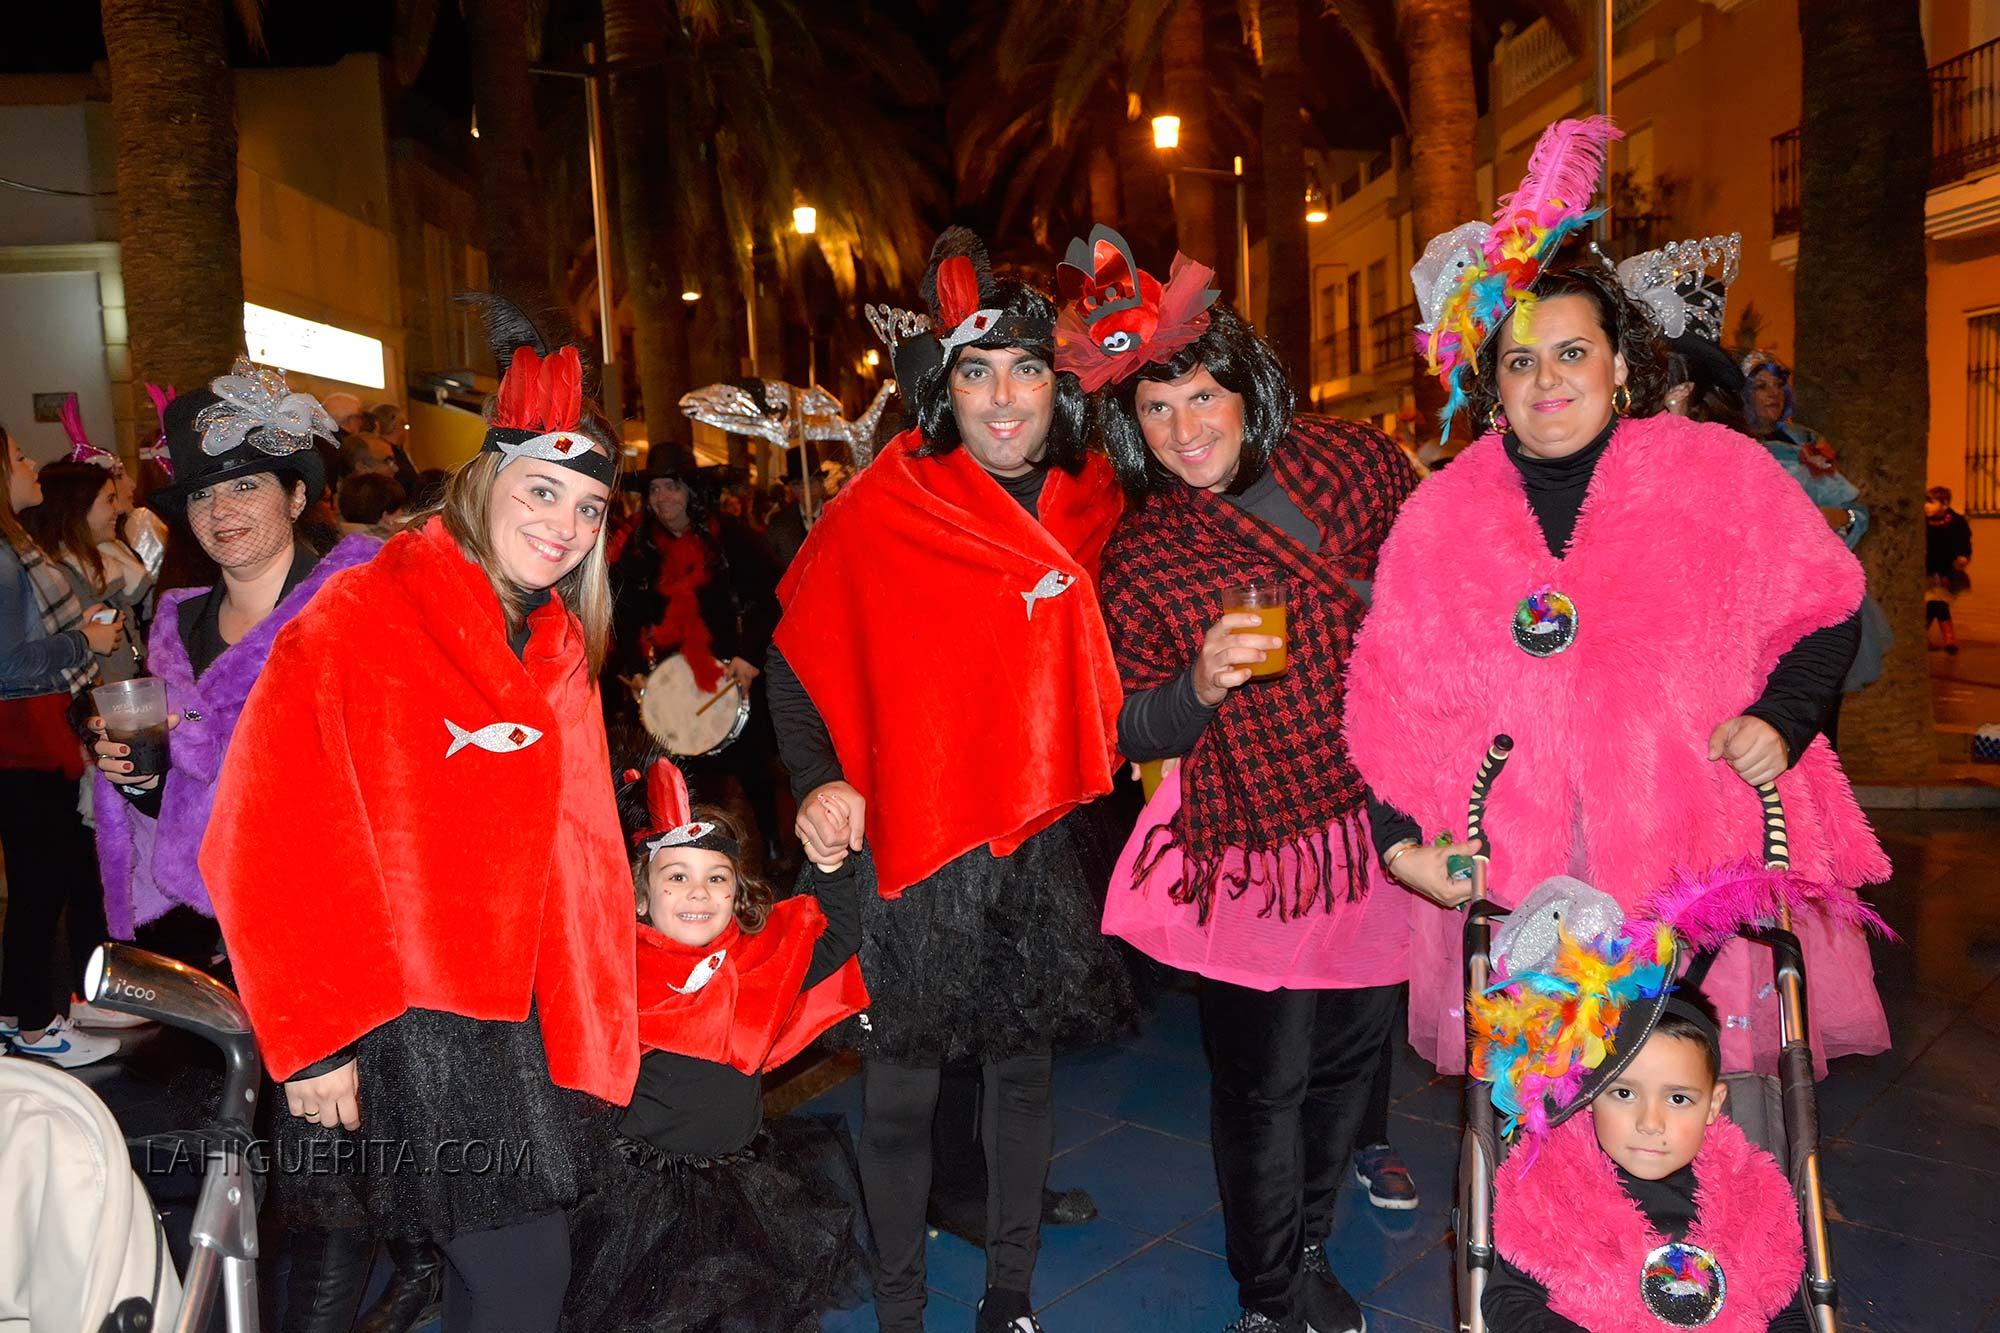 Entierro de la sardina carnaval isla cristina _DSC2065